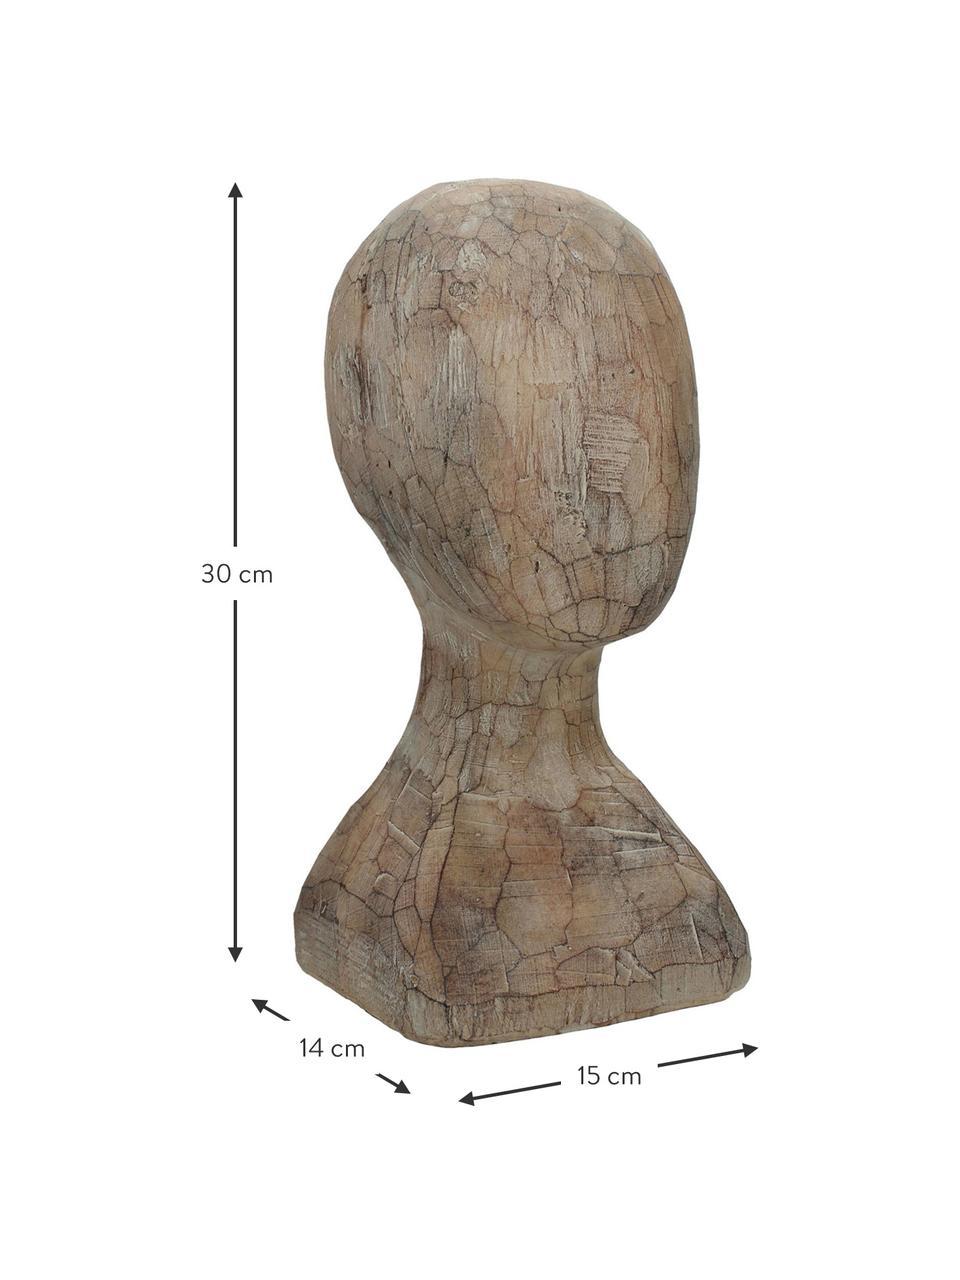 Deko-Objekt Head, Polyresin, Braun, 15 x 30 cm